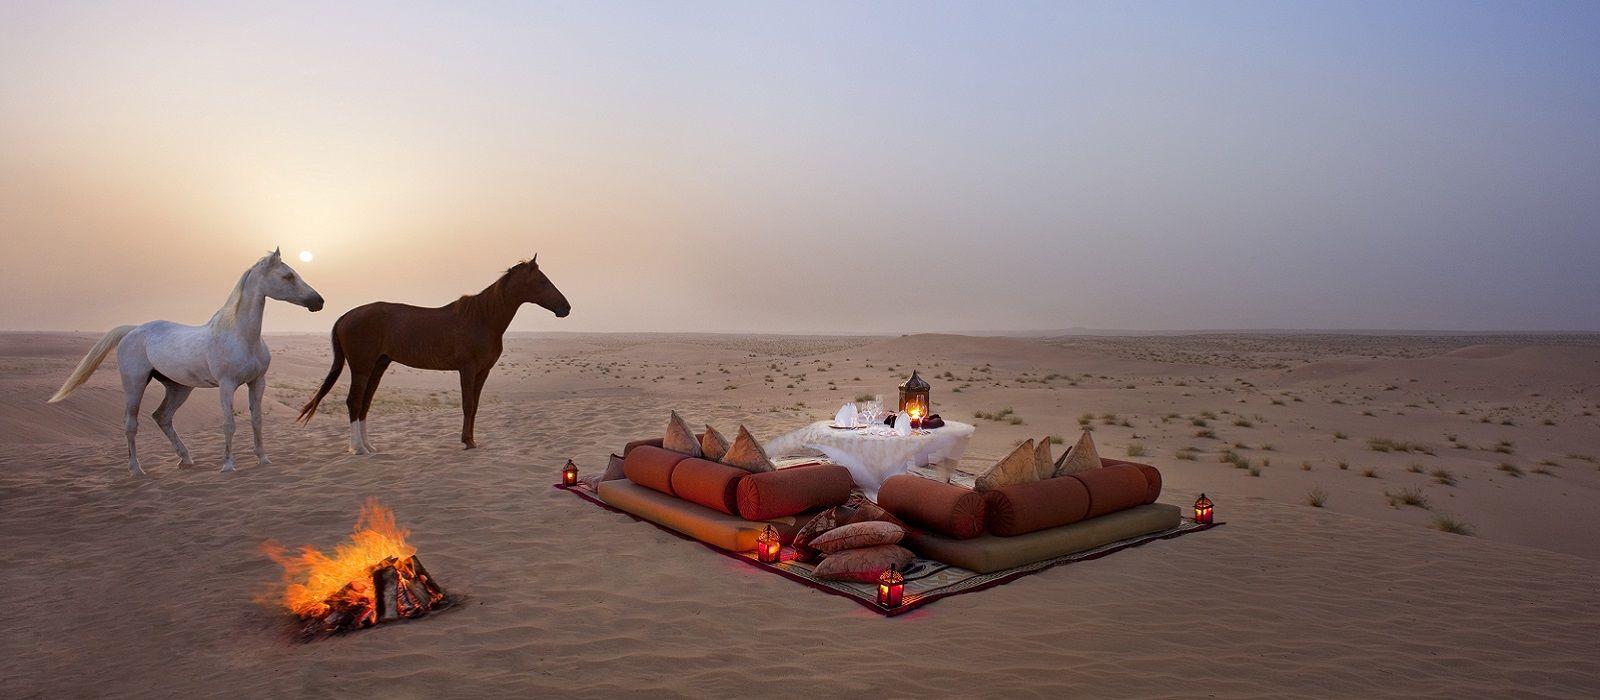 Surreal Sands: Dubai and Maldives Tour Trip 5